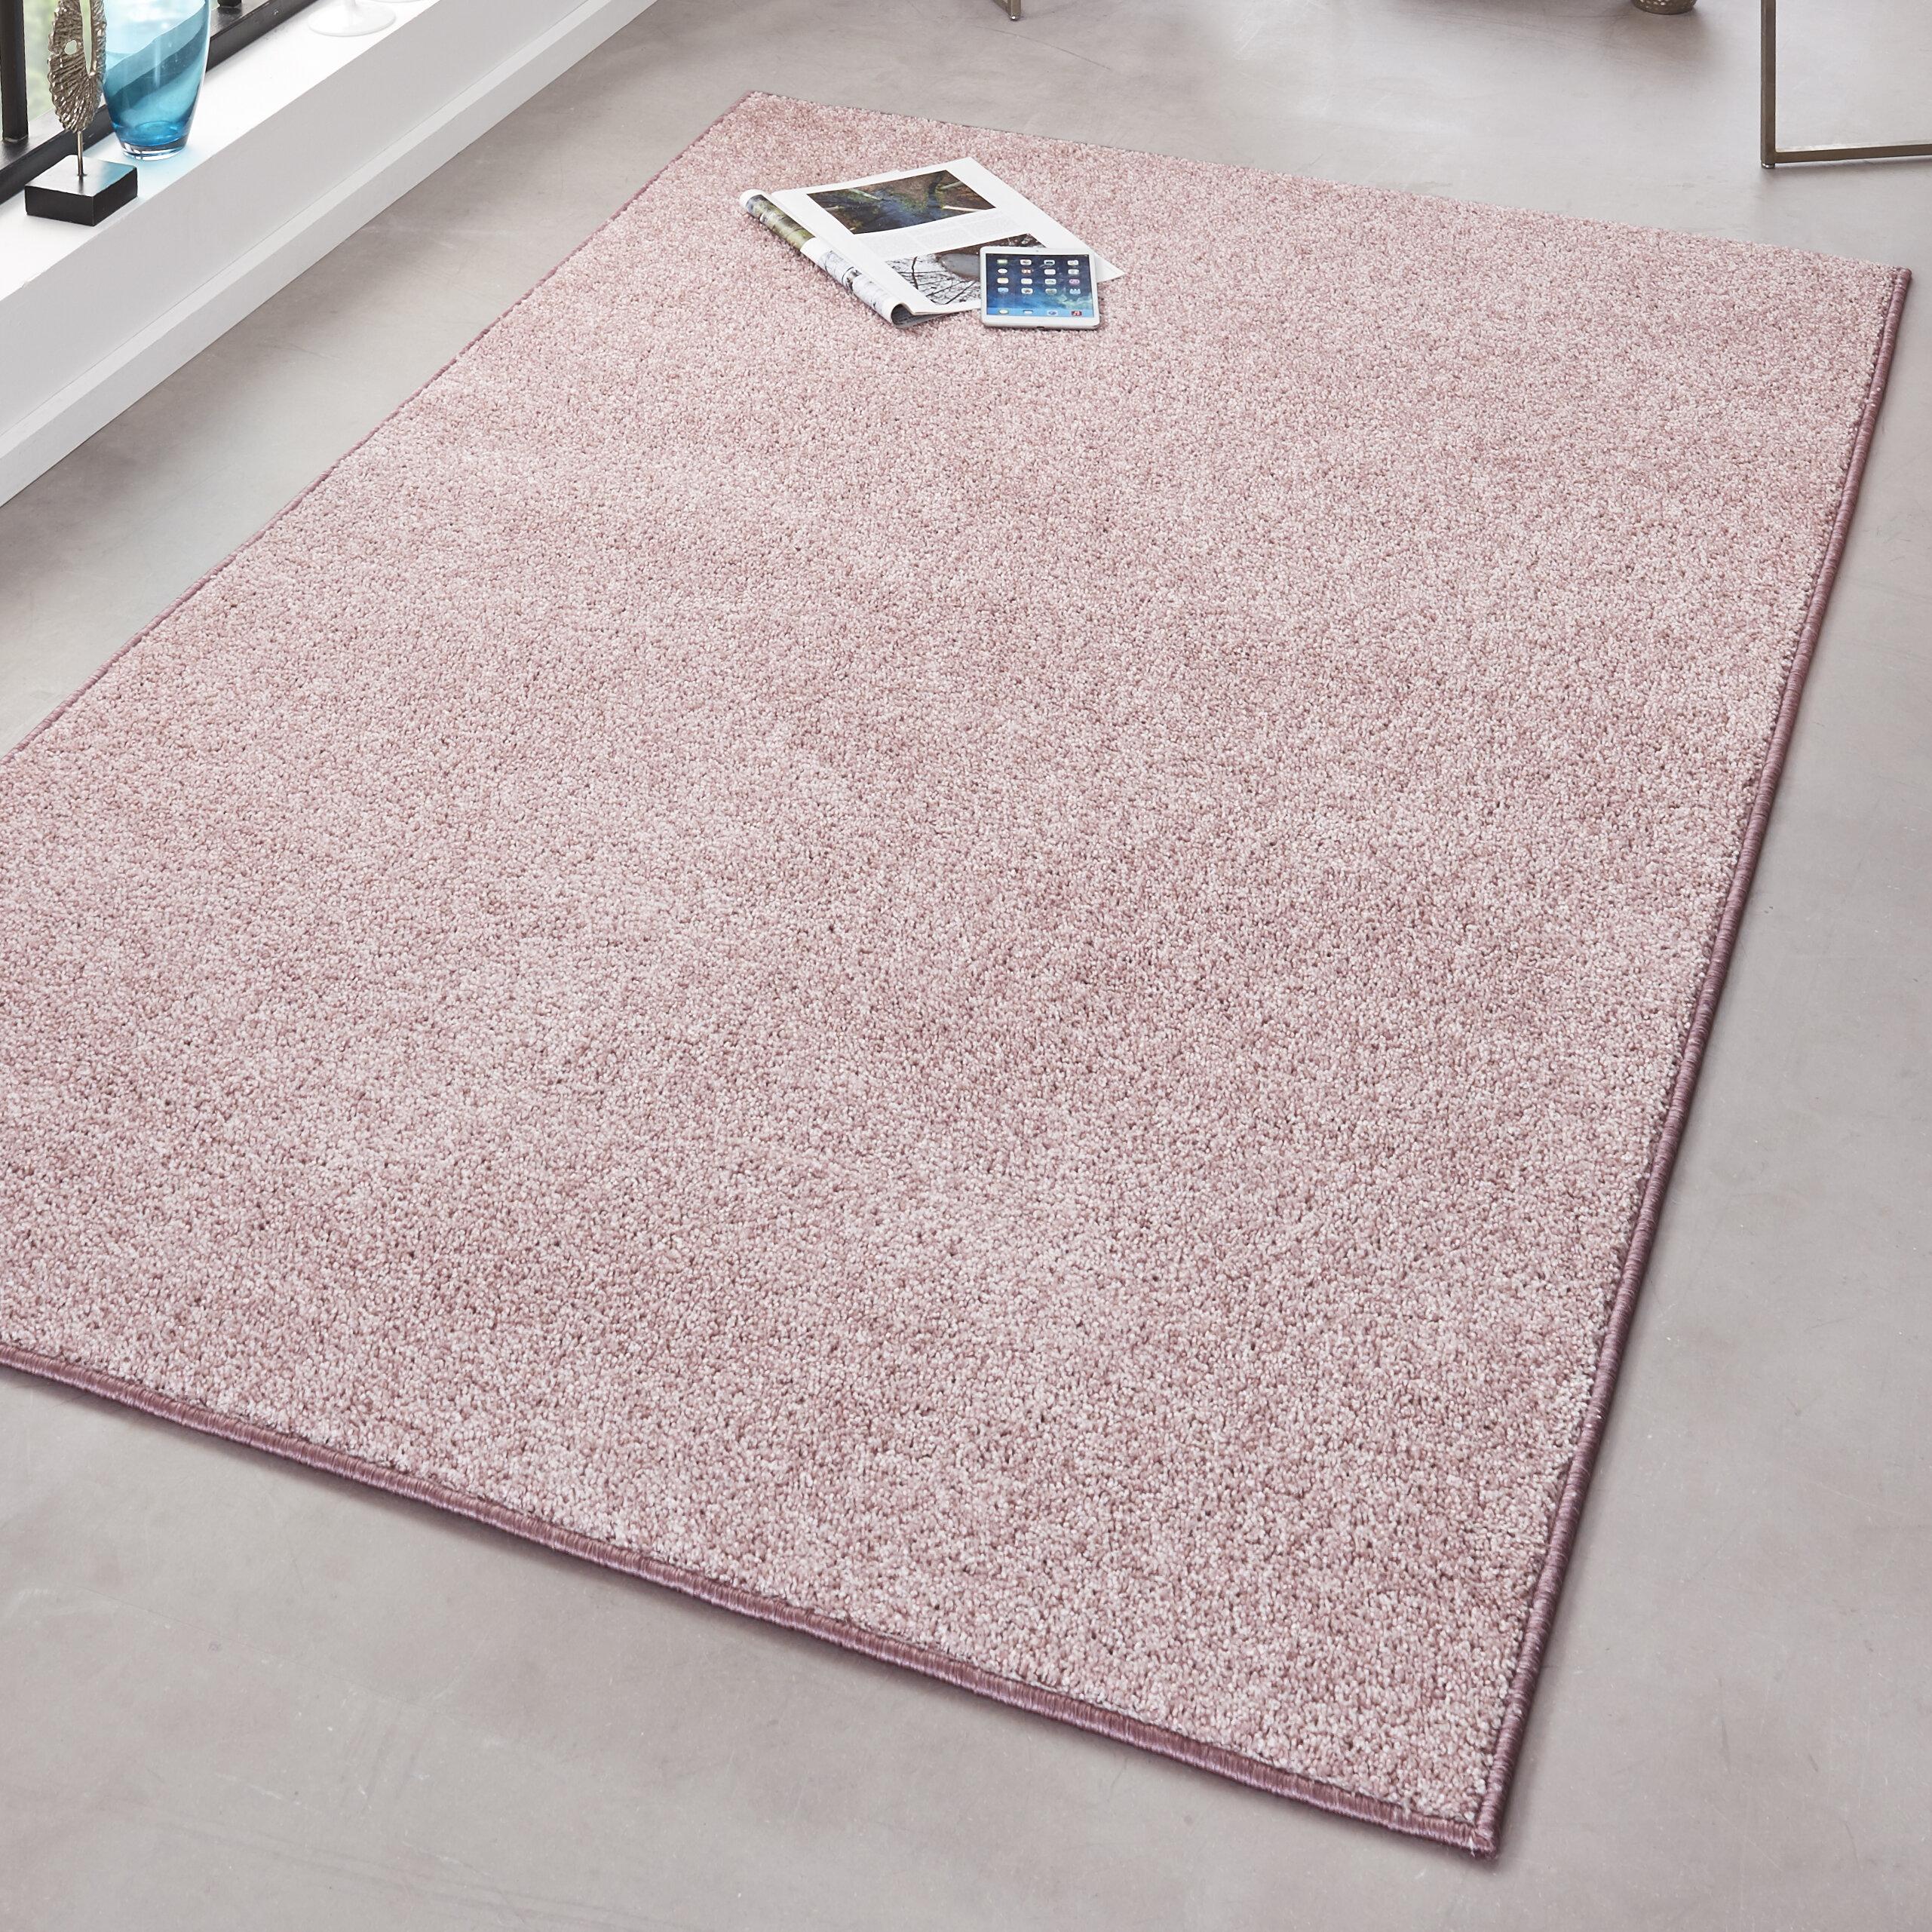 Charming Wunderbare Dekoration 10 Sisal Teppich Geeignet Fur Innenbereich Oder Ausenbereiche #14: Hanse Home Teppich Pure In Rosa | Wayfair.de